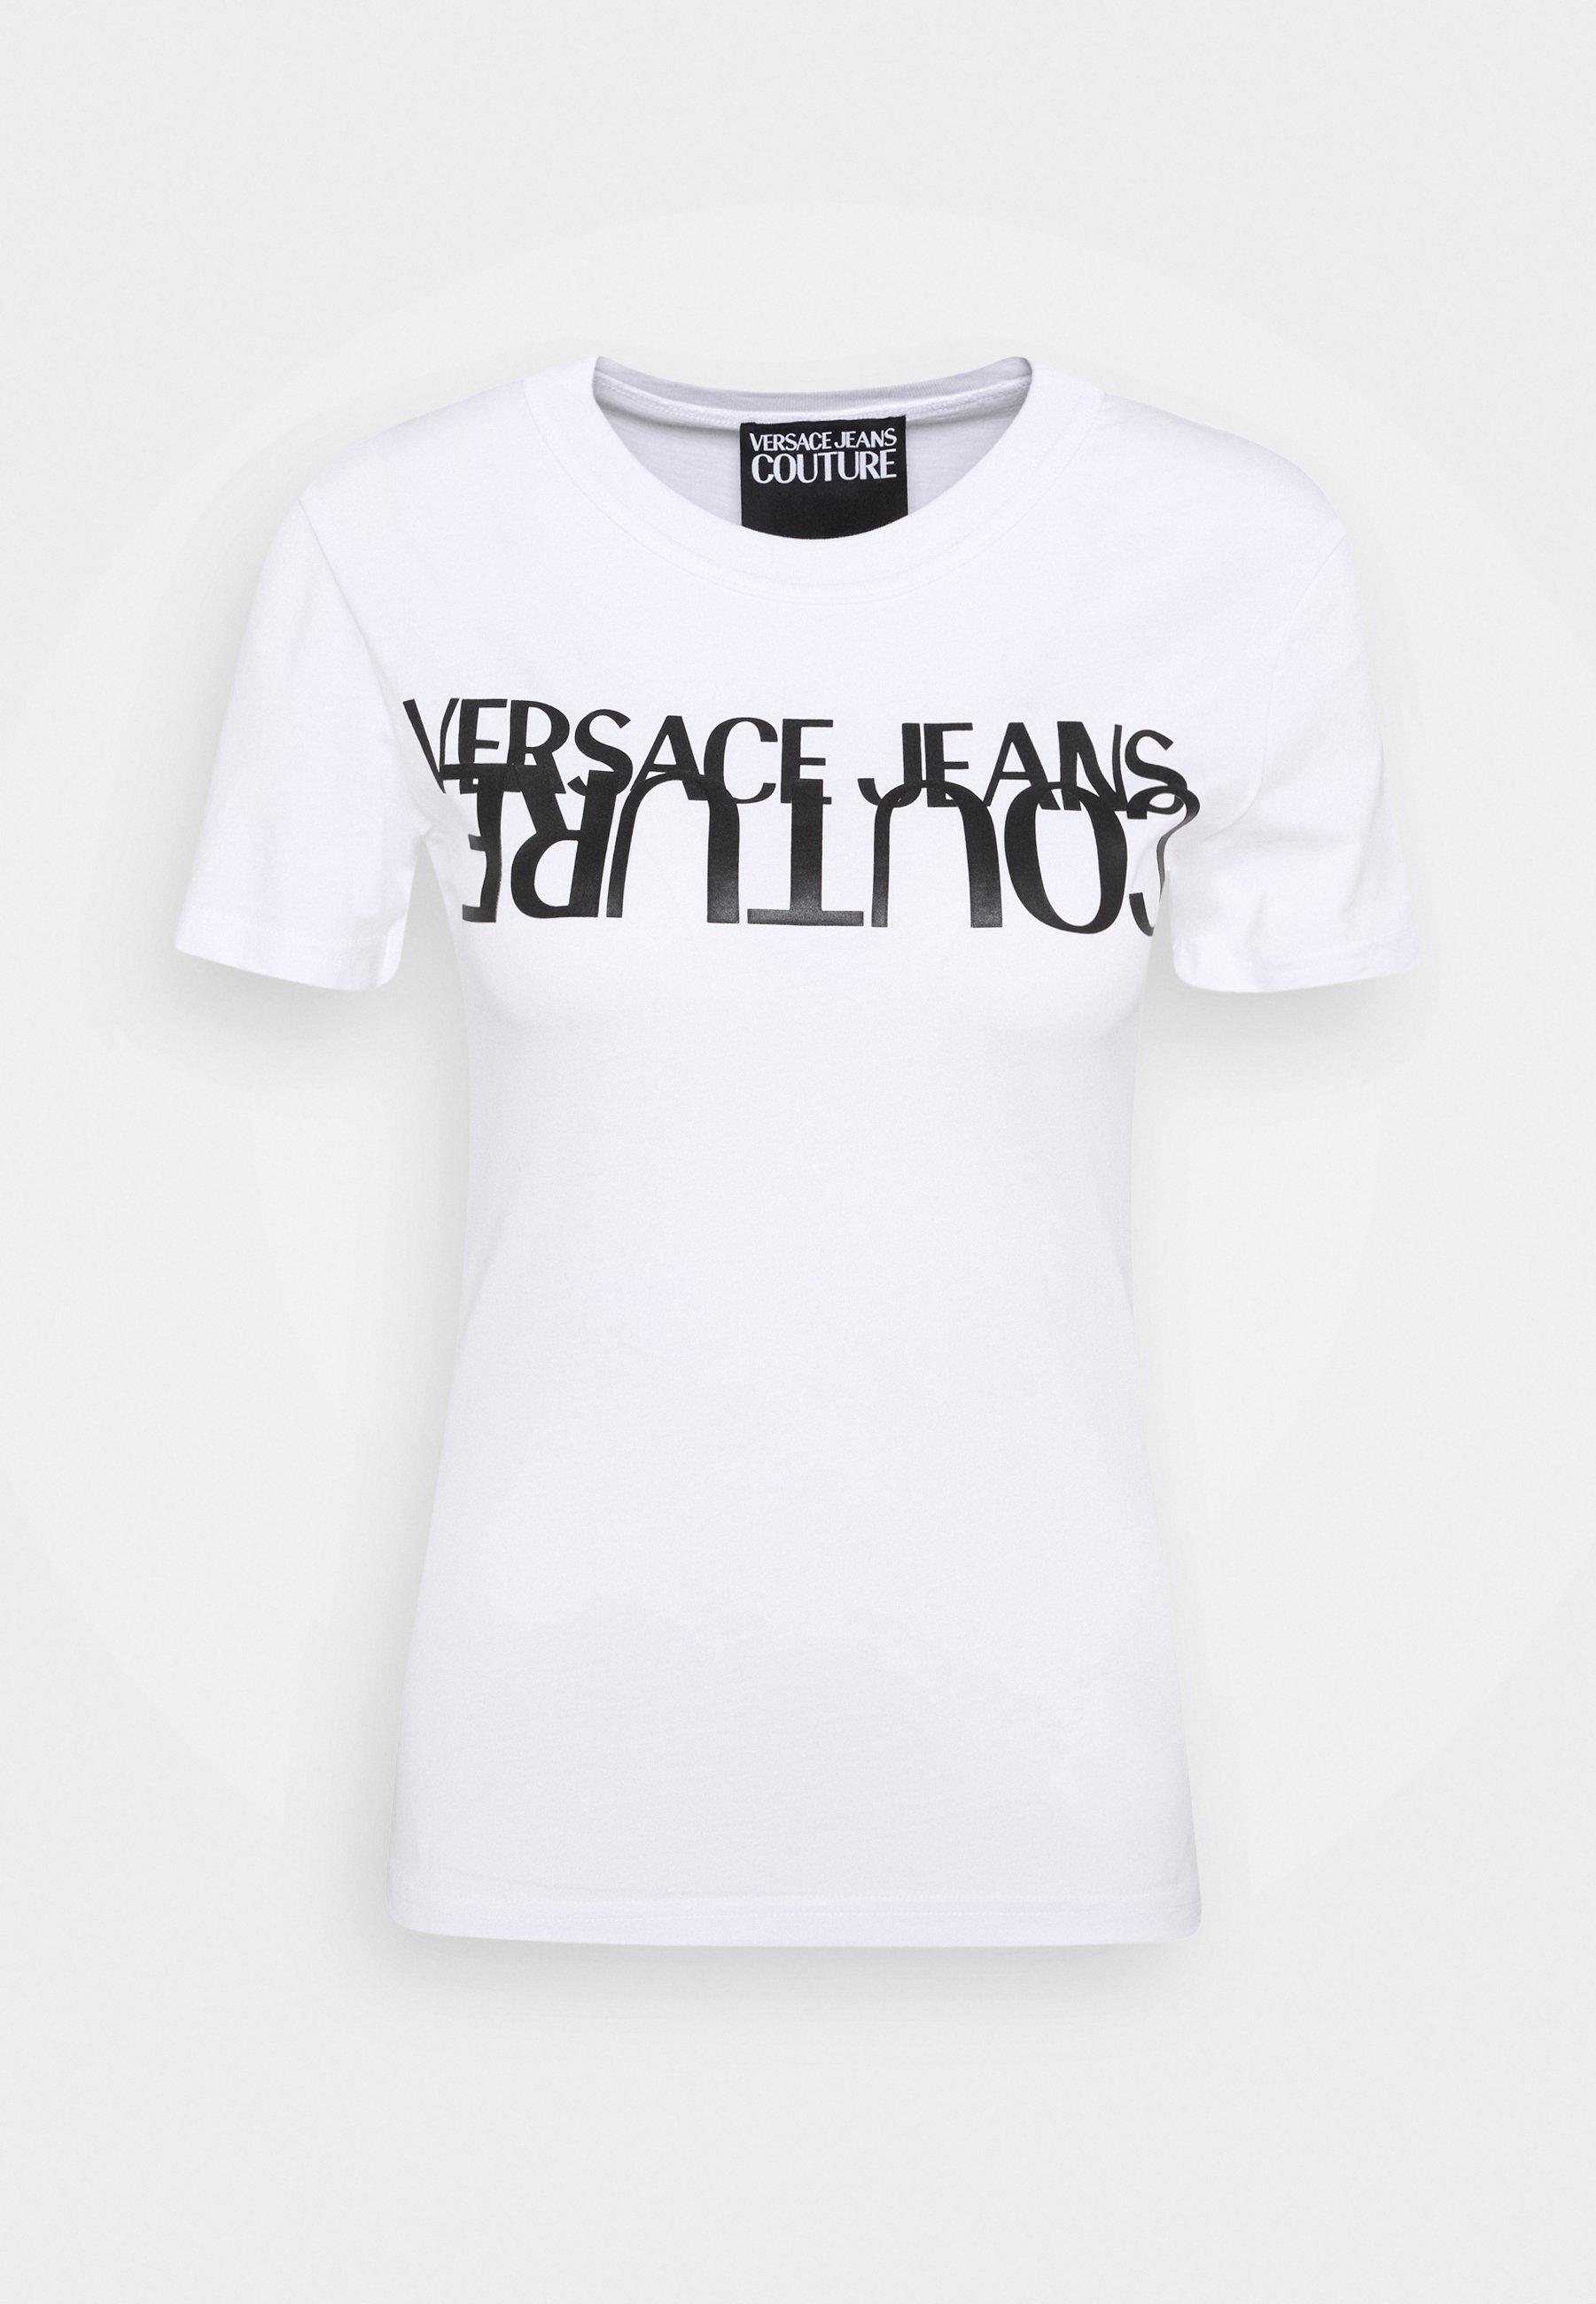 Versace Jeans Couture LADY T shirt print blackgold